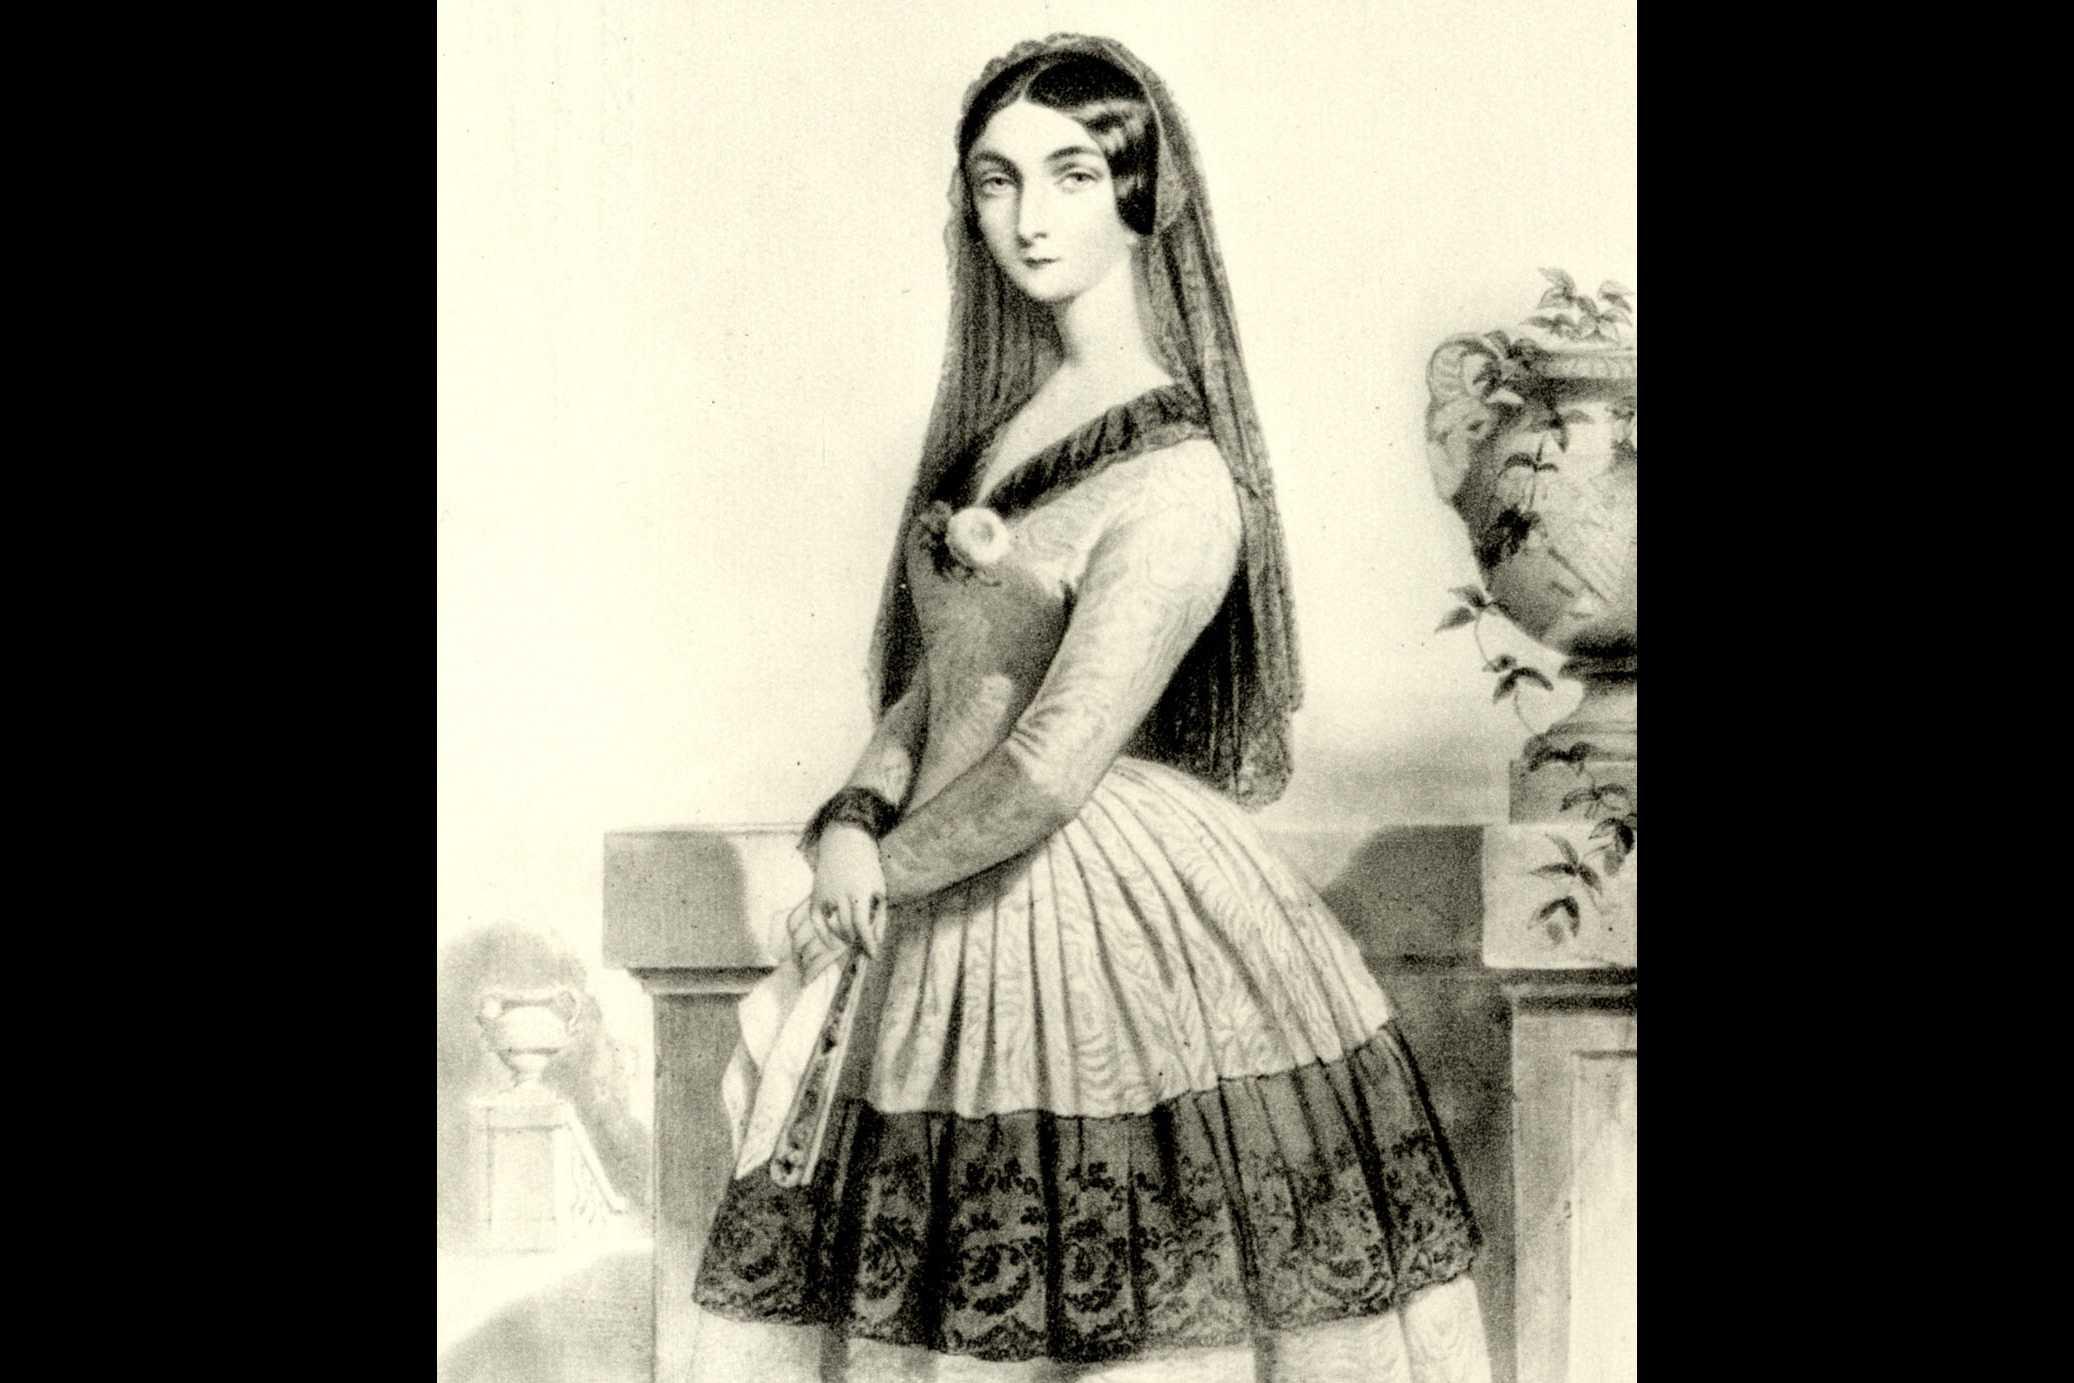 Lola Montez, lithography by Alophe after a portrait by Dartiguenave